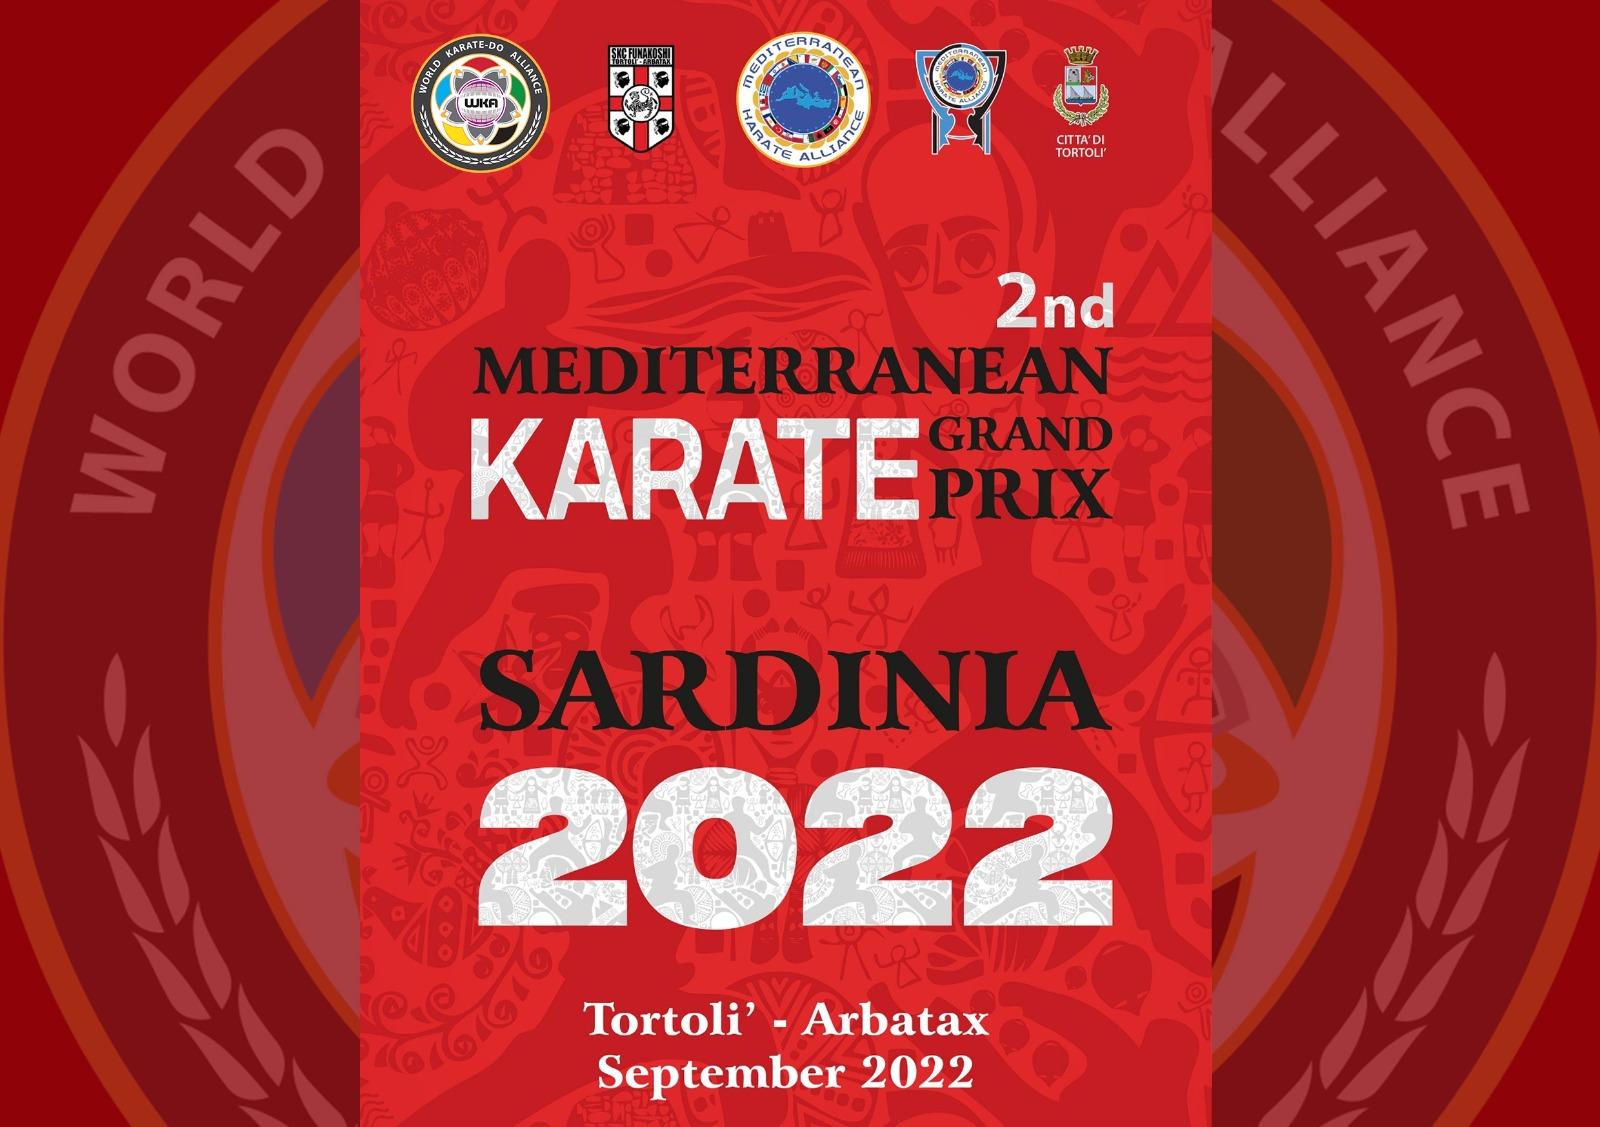 Sardinia-2022